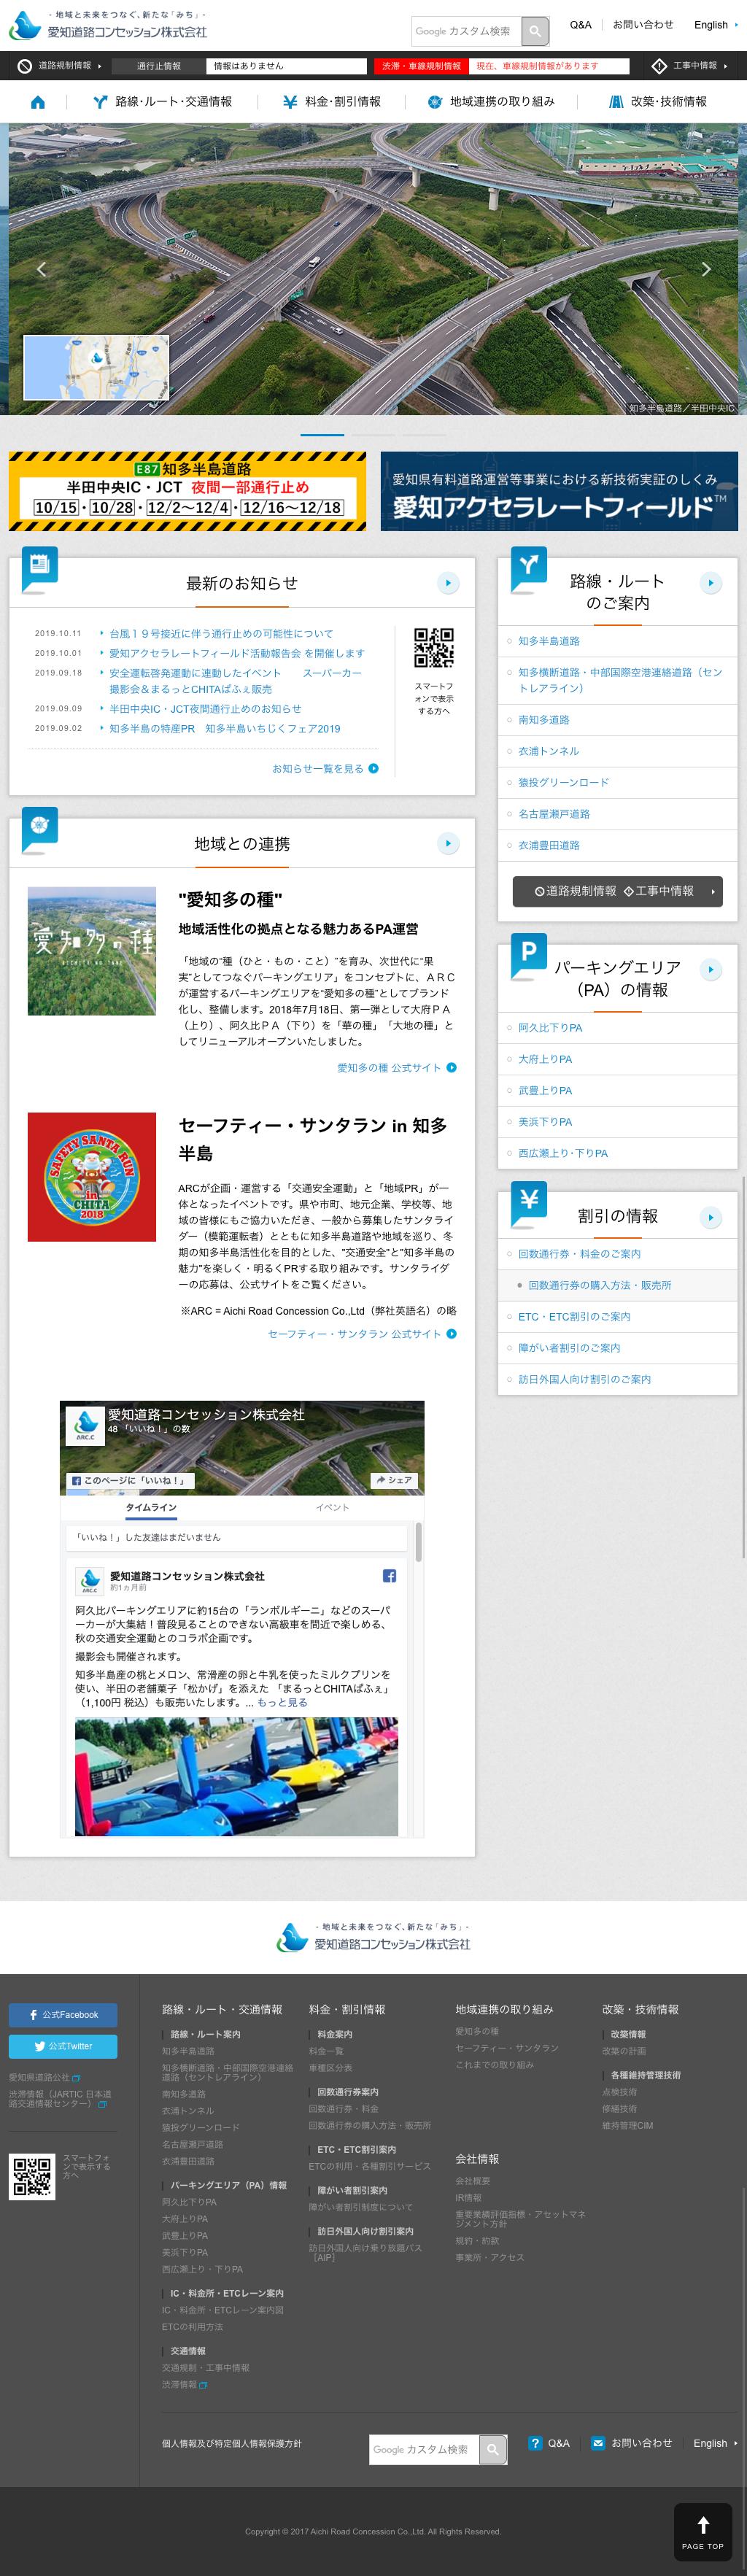 愛知道路コンセッション株式会社